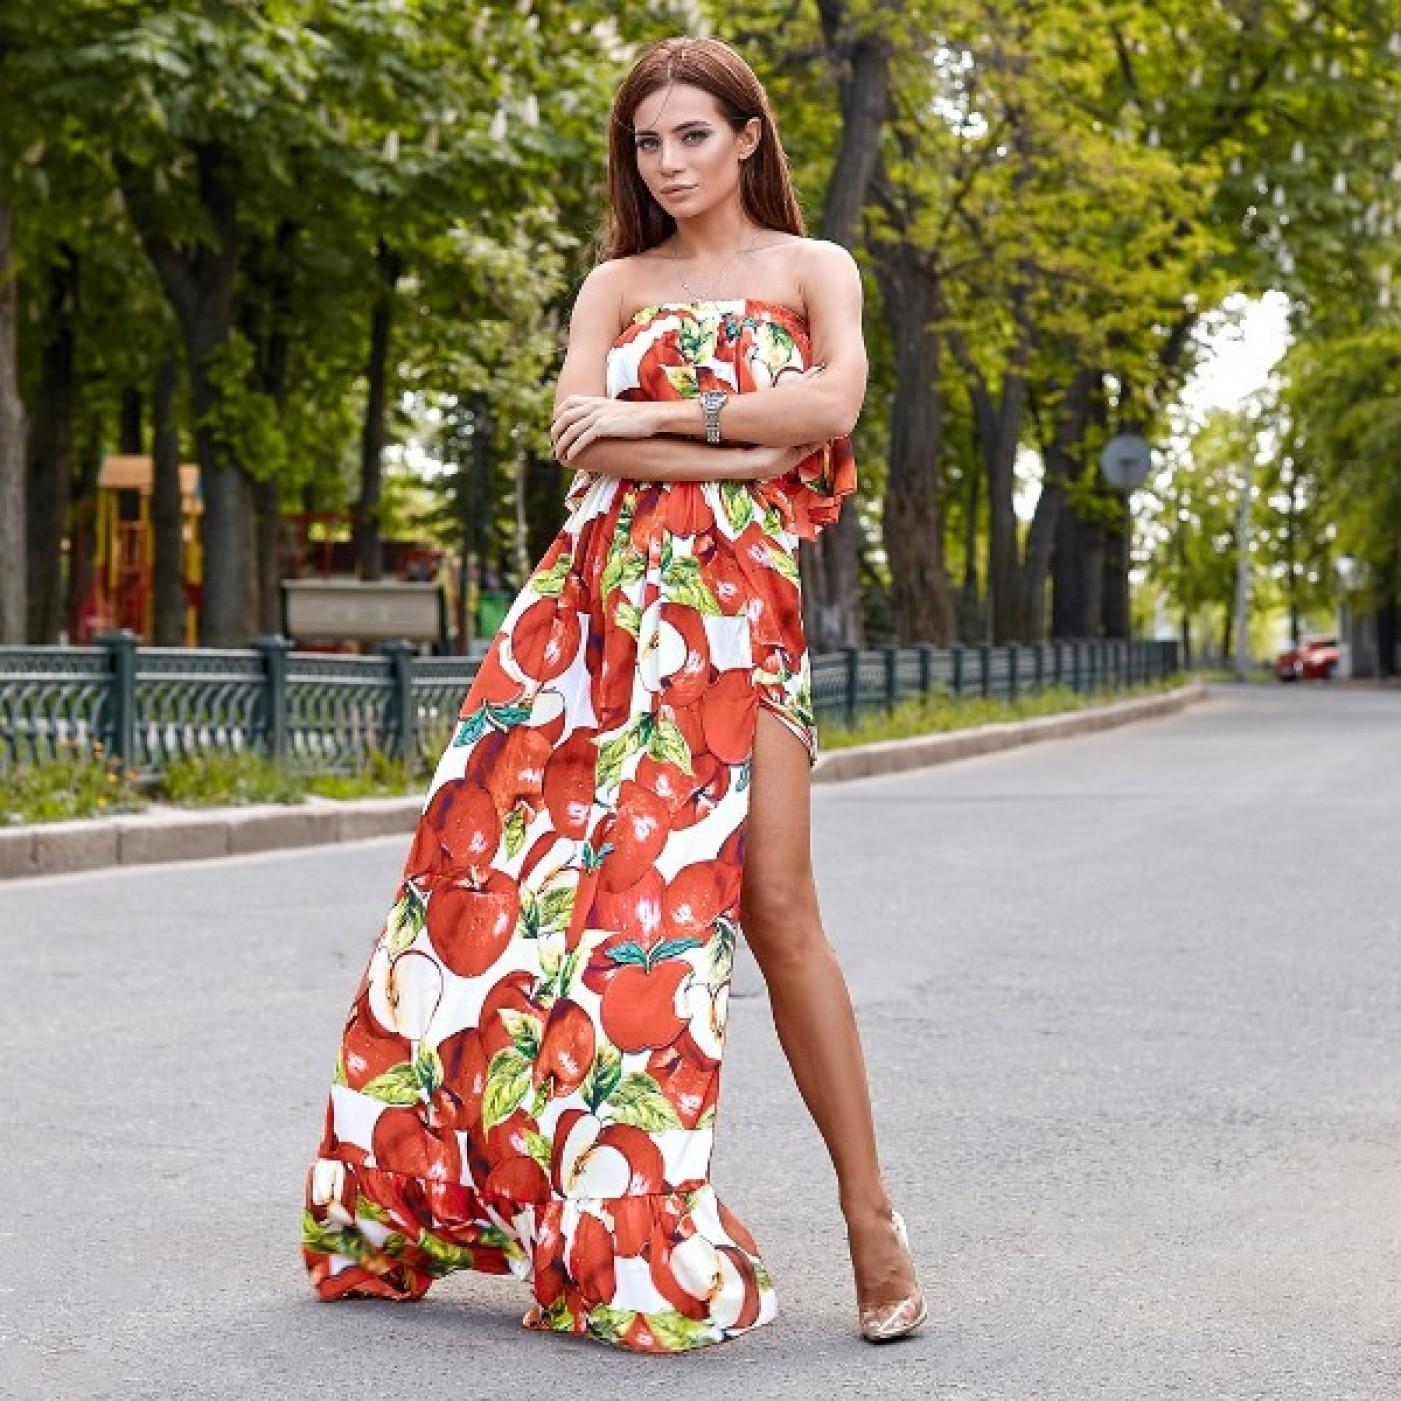 Платье яркое яблоки в пол 10830